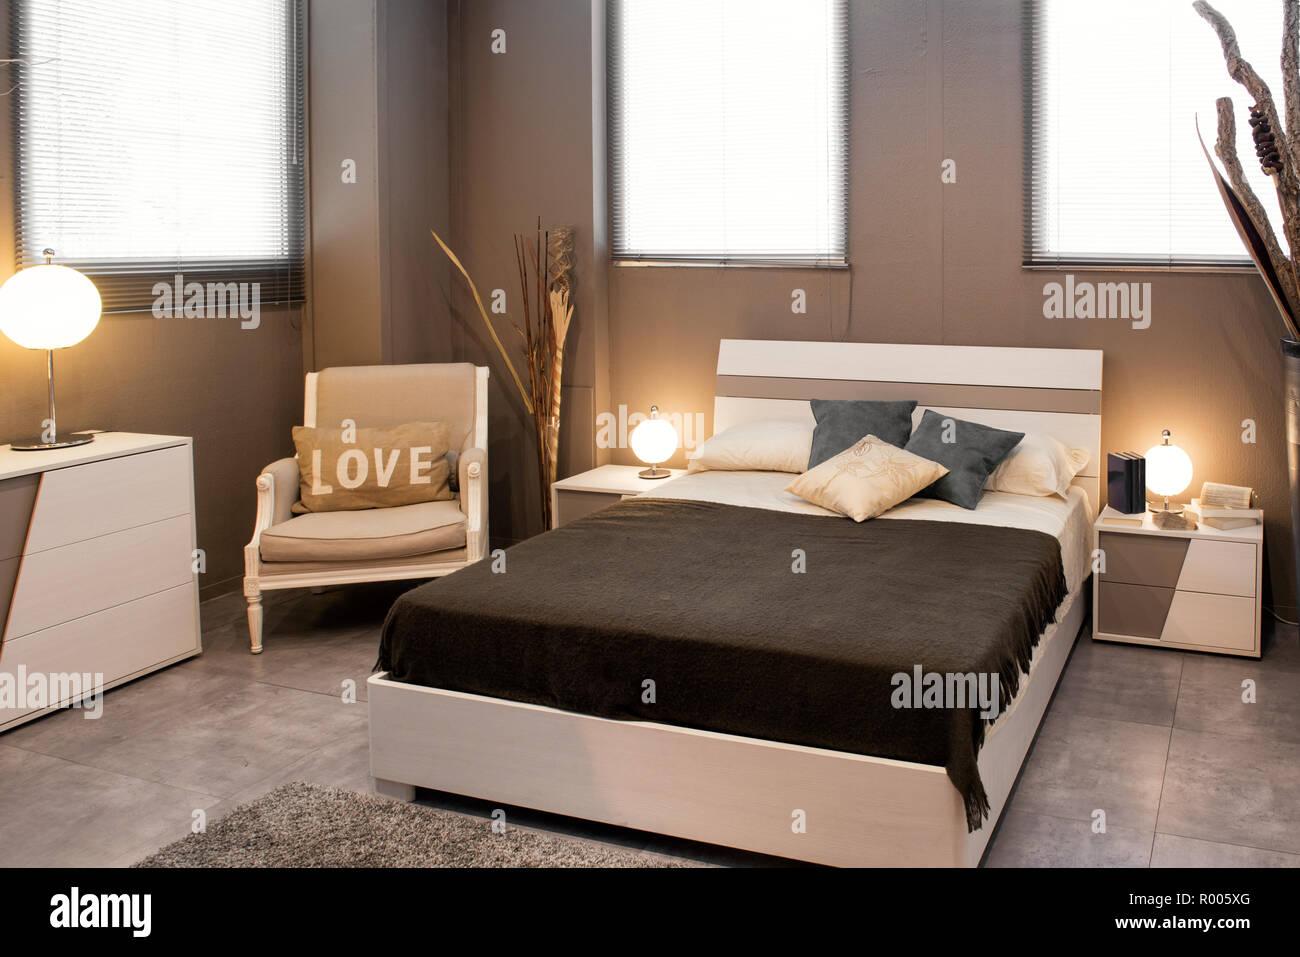 Camera Da Letto Con Divano : Romantica lusso marrone interiore camera da letto con divano letto